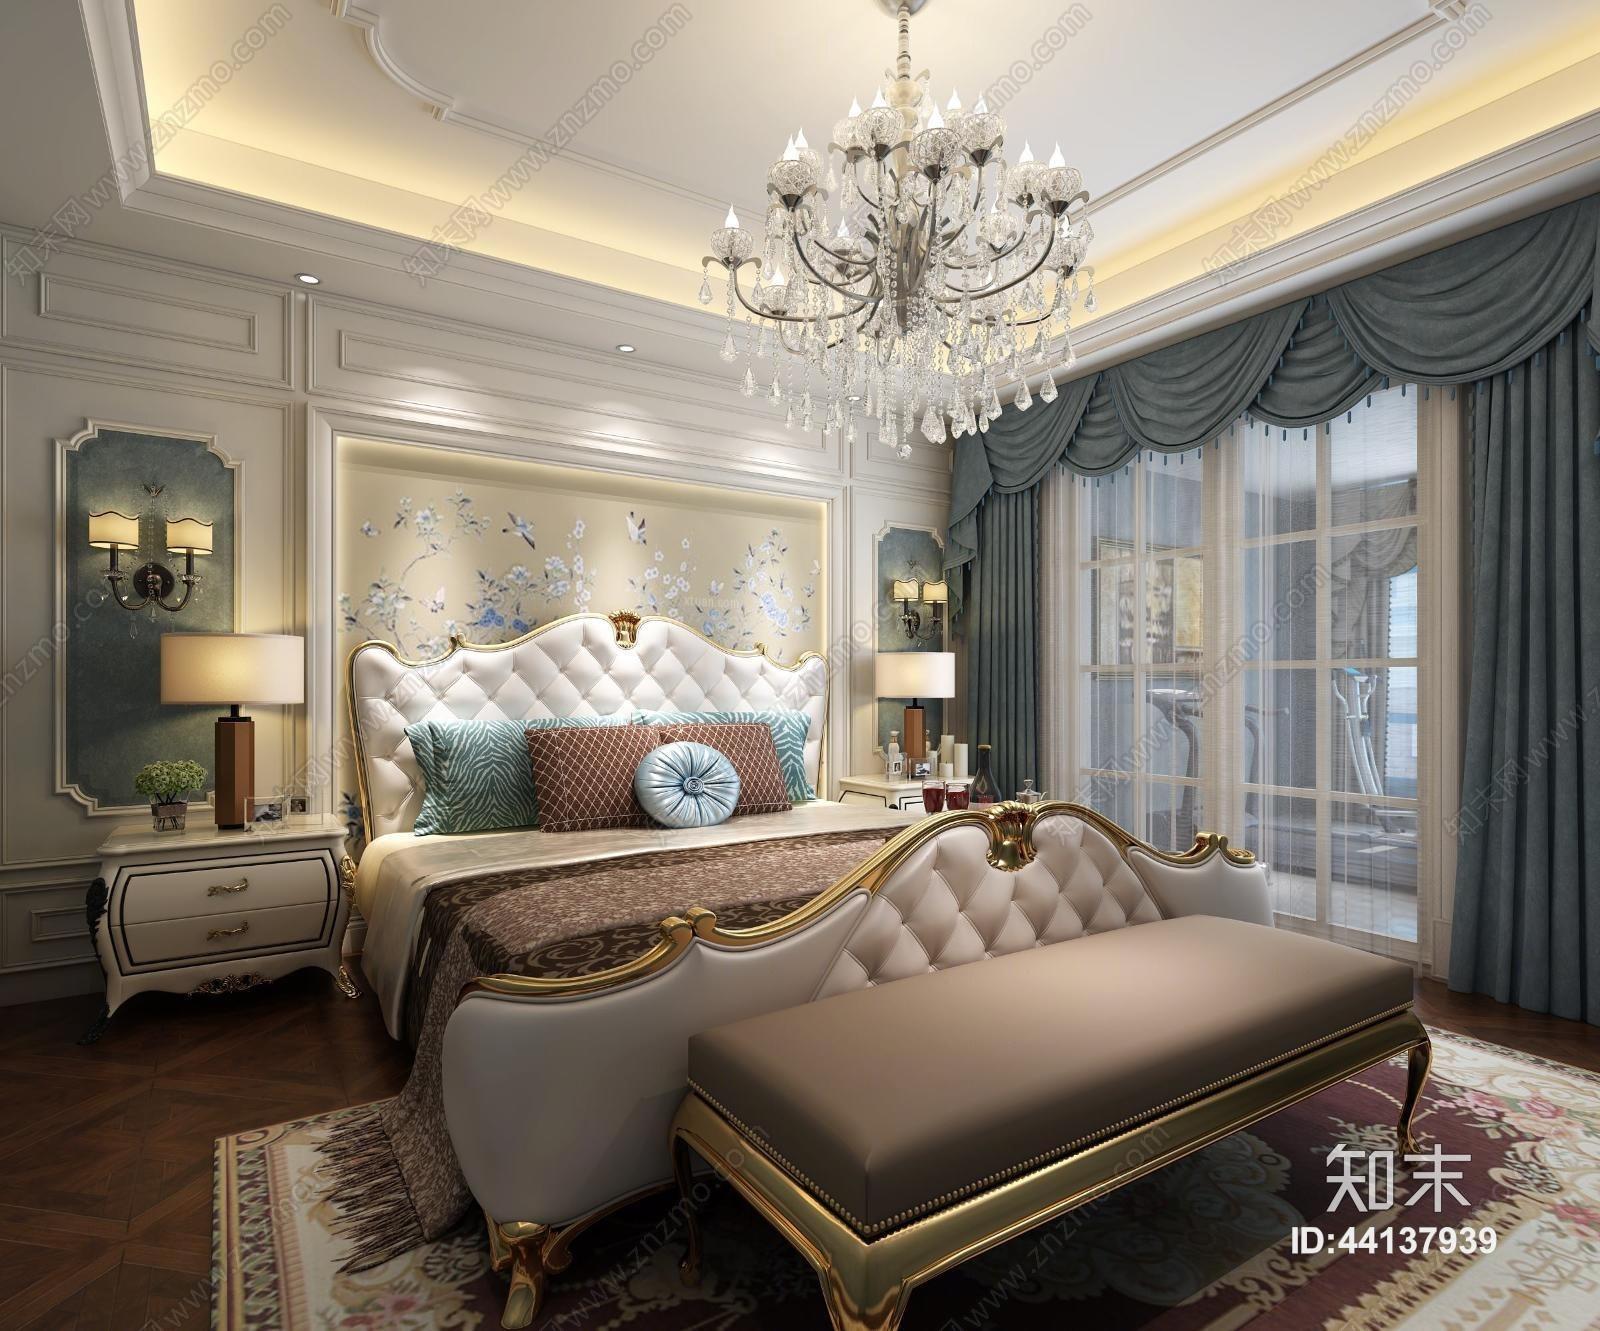 欧式新古典卧室 双人床 吊灯 壁灯 台灯 床头柜